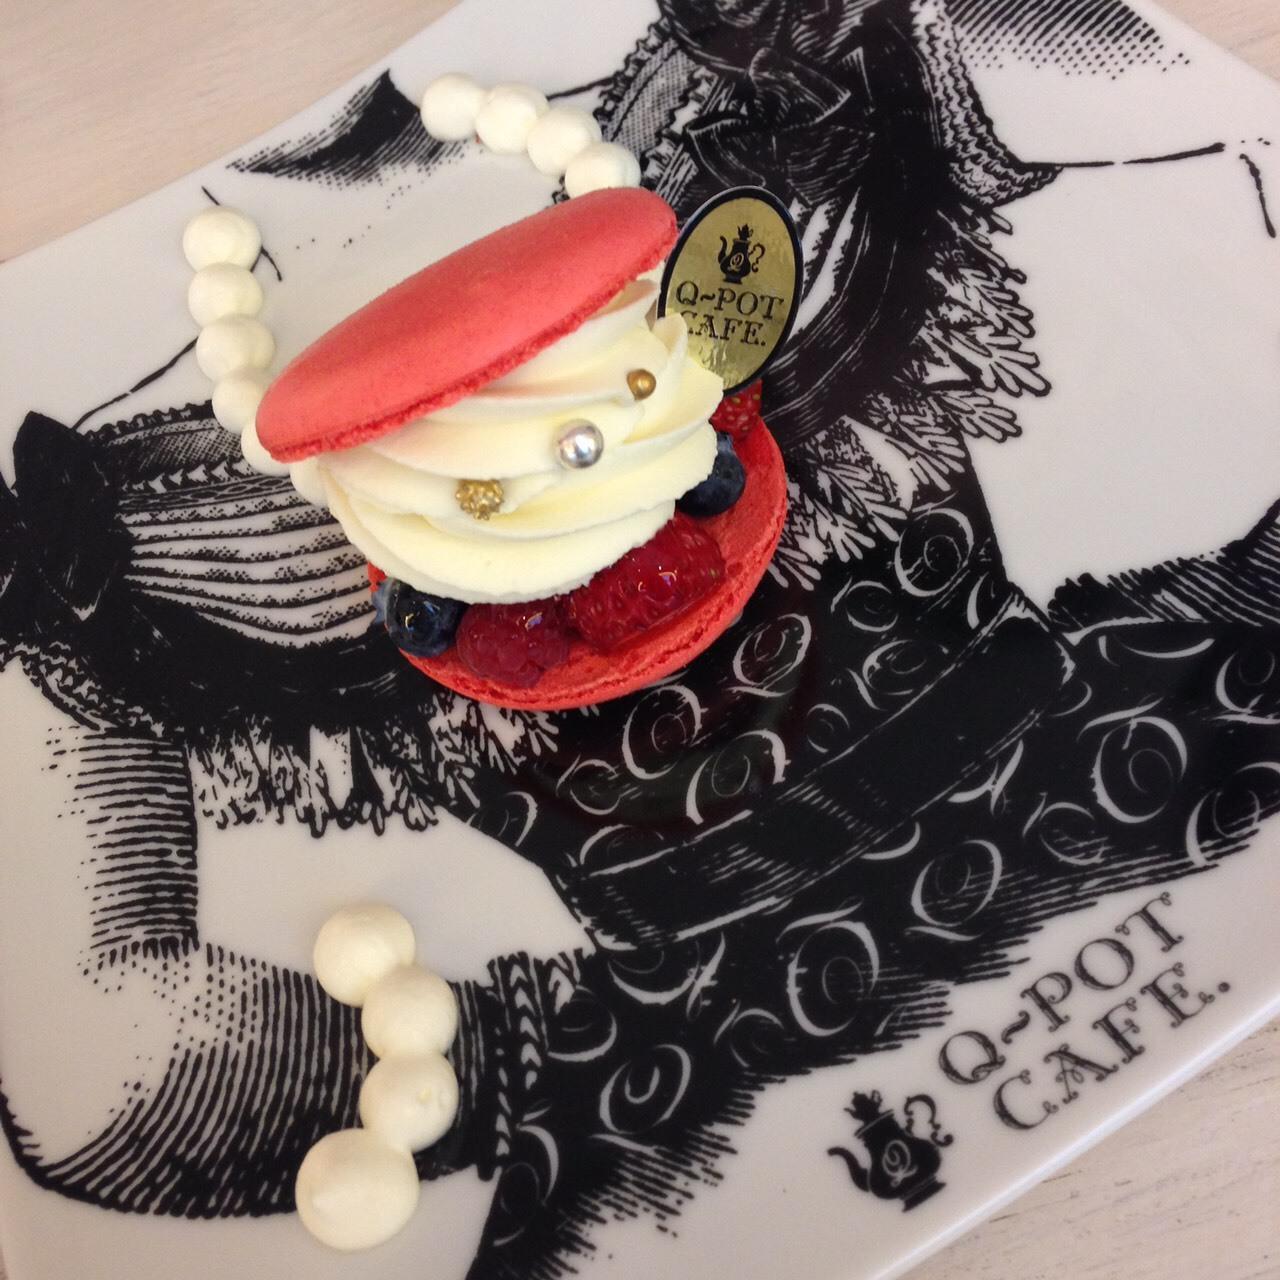 """【 第8回❤︎ 】フォトジェニックな洋菓子!私の大好きな""""マカロン""""紹介*_1_9"""